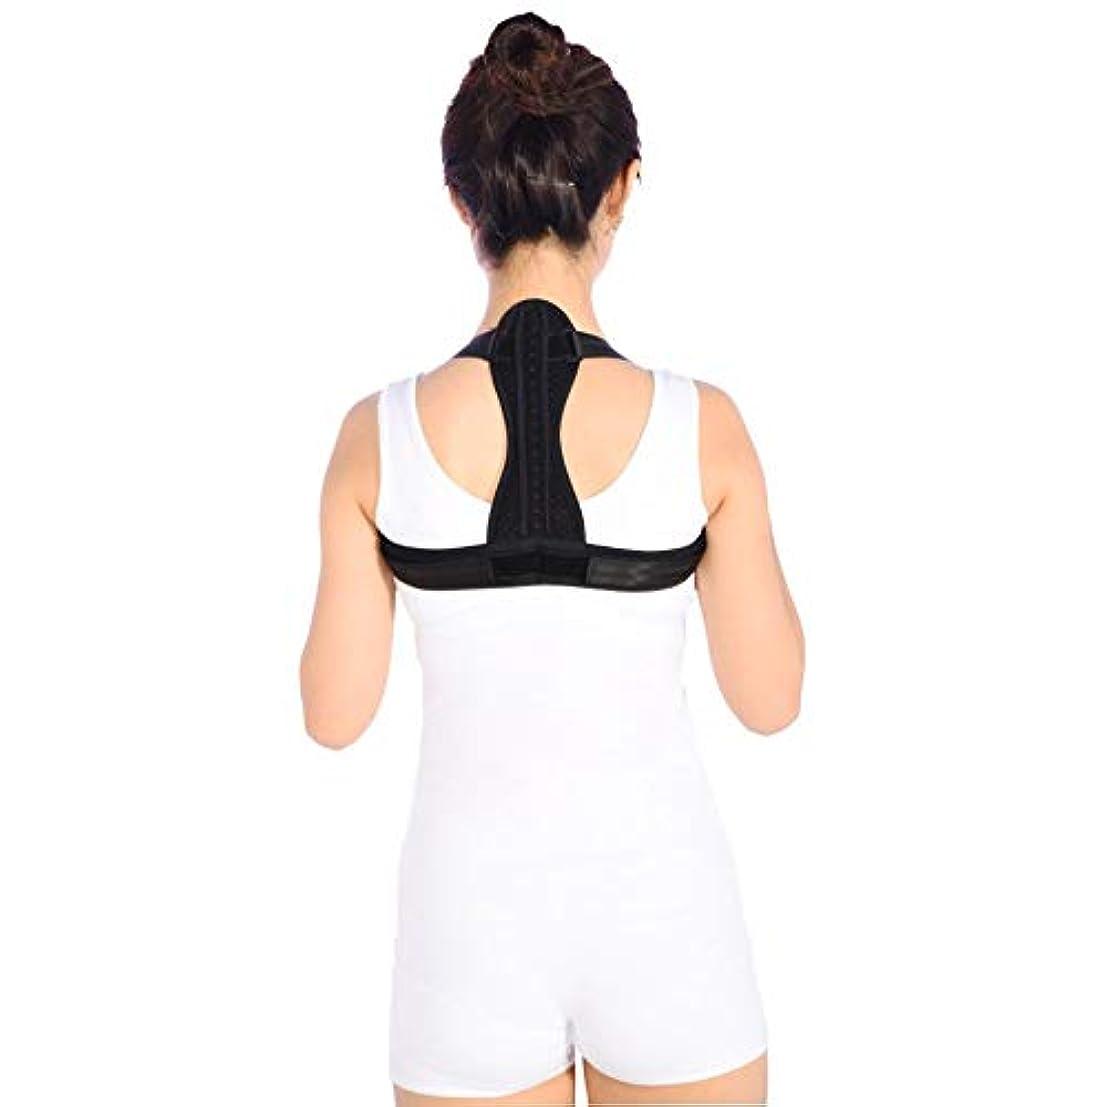 鍔邪悪な笑い通気性の脊柱側弯症ザトウクジラ補正ベルト調節可能な快適さ目に見えないベルト男性女性大人学生子供 - 黒